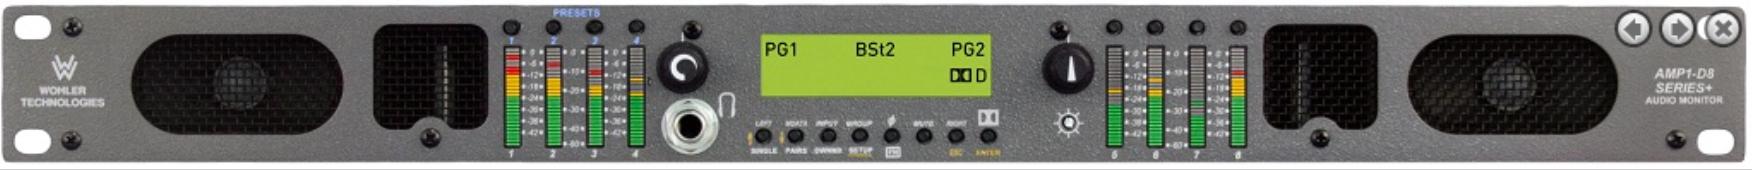 8 Channel, 3G/HD/SD-SDI, Audio Monitor, Dolby AC-3, 1RU